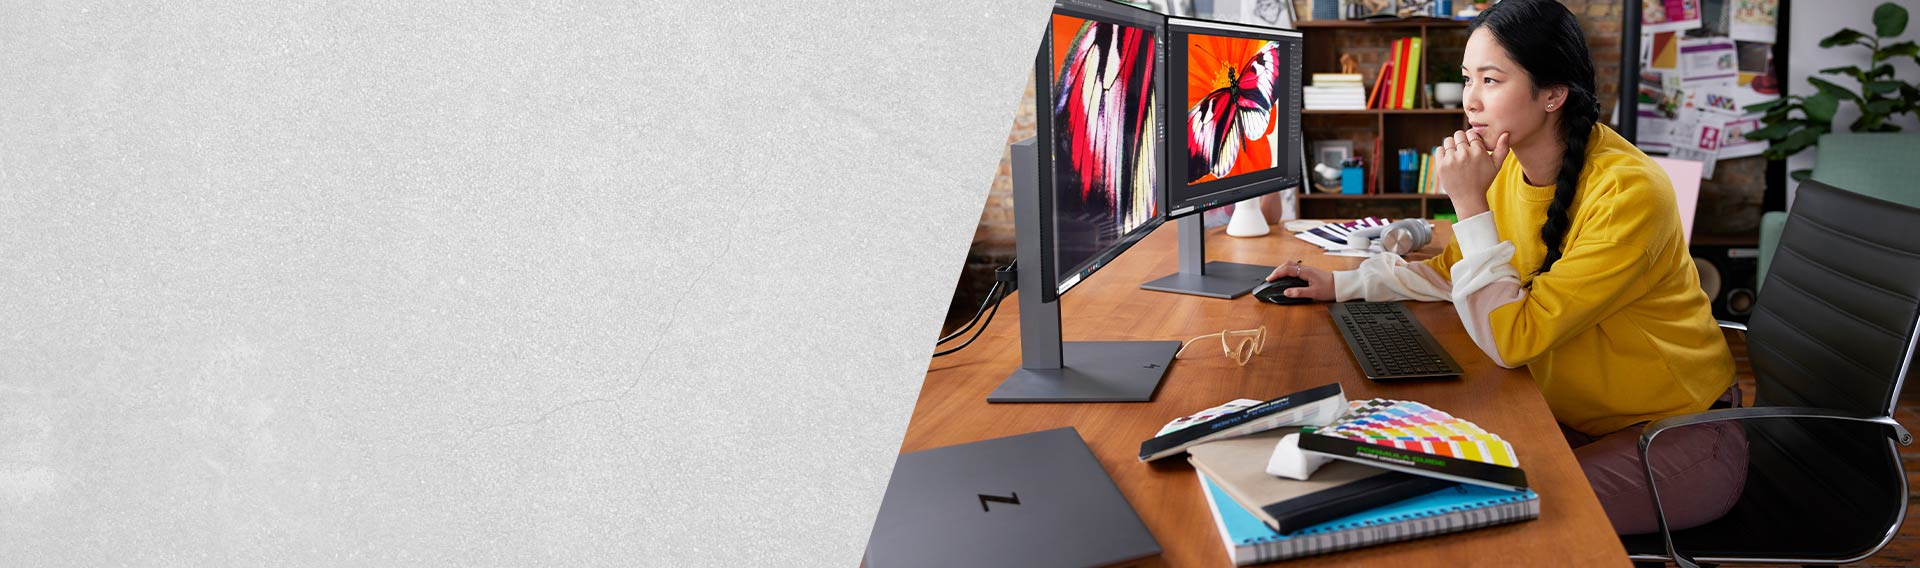 Impulsione a inovação com workstations